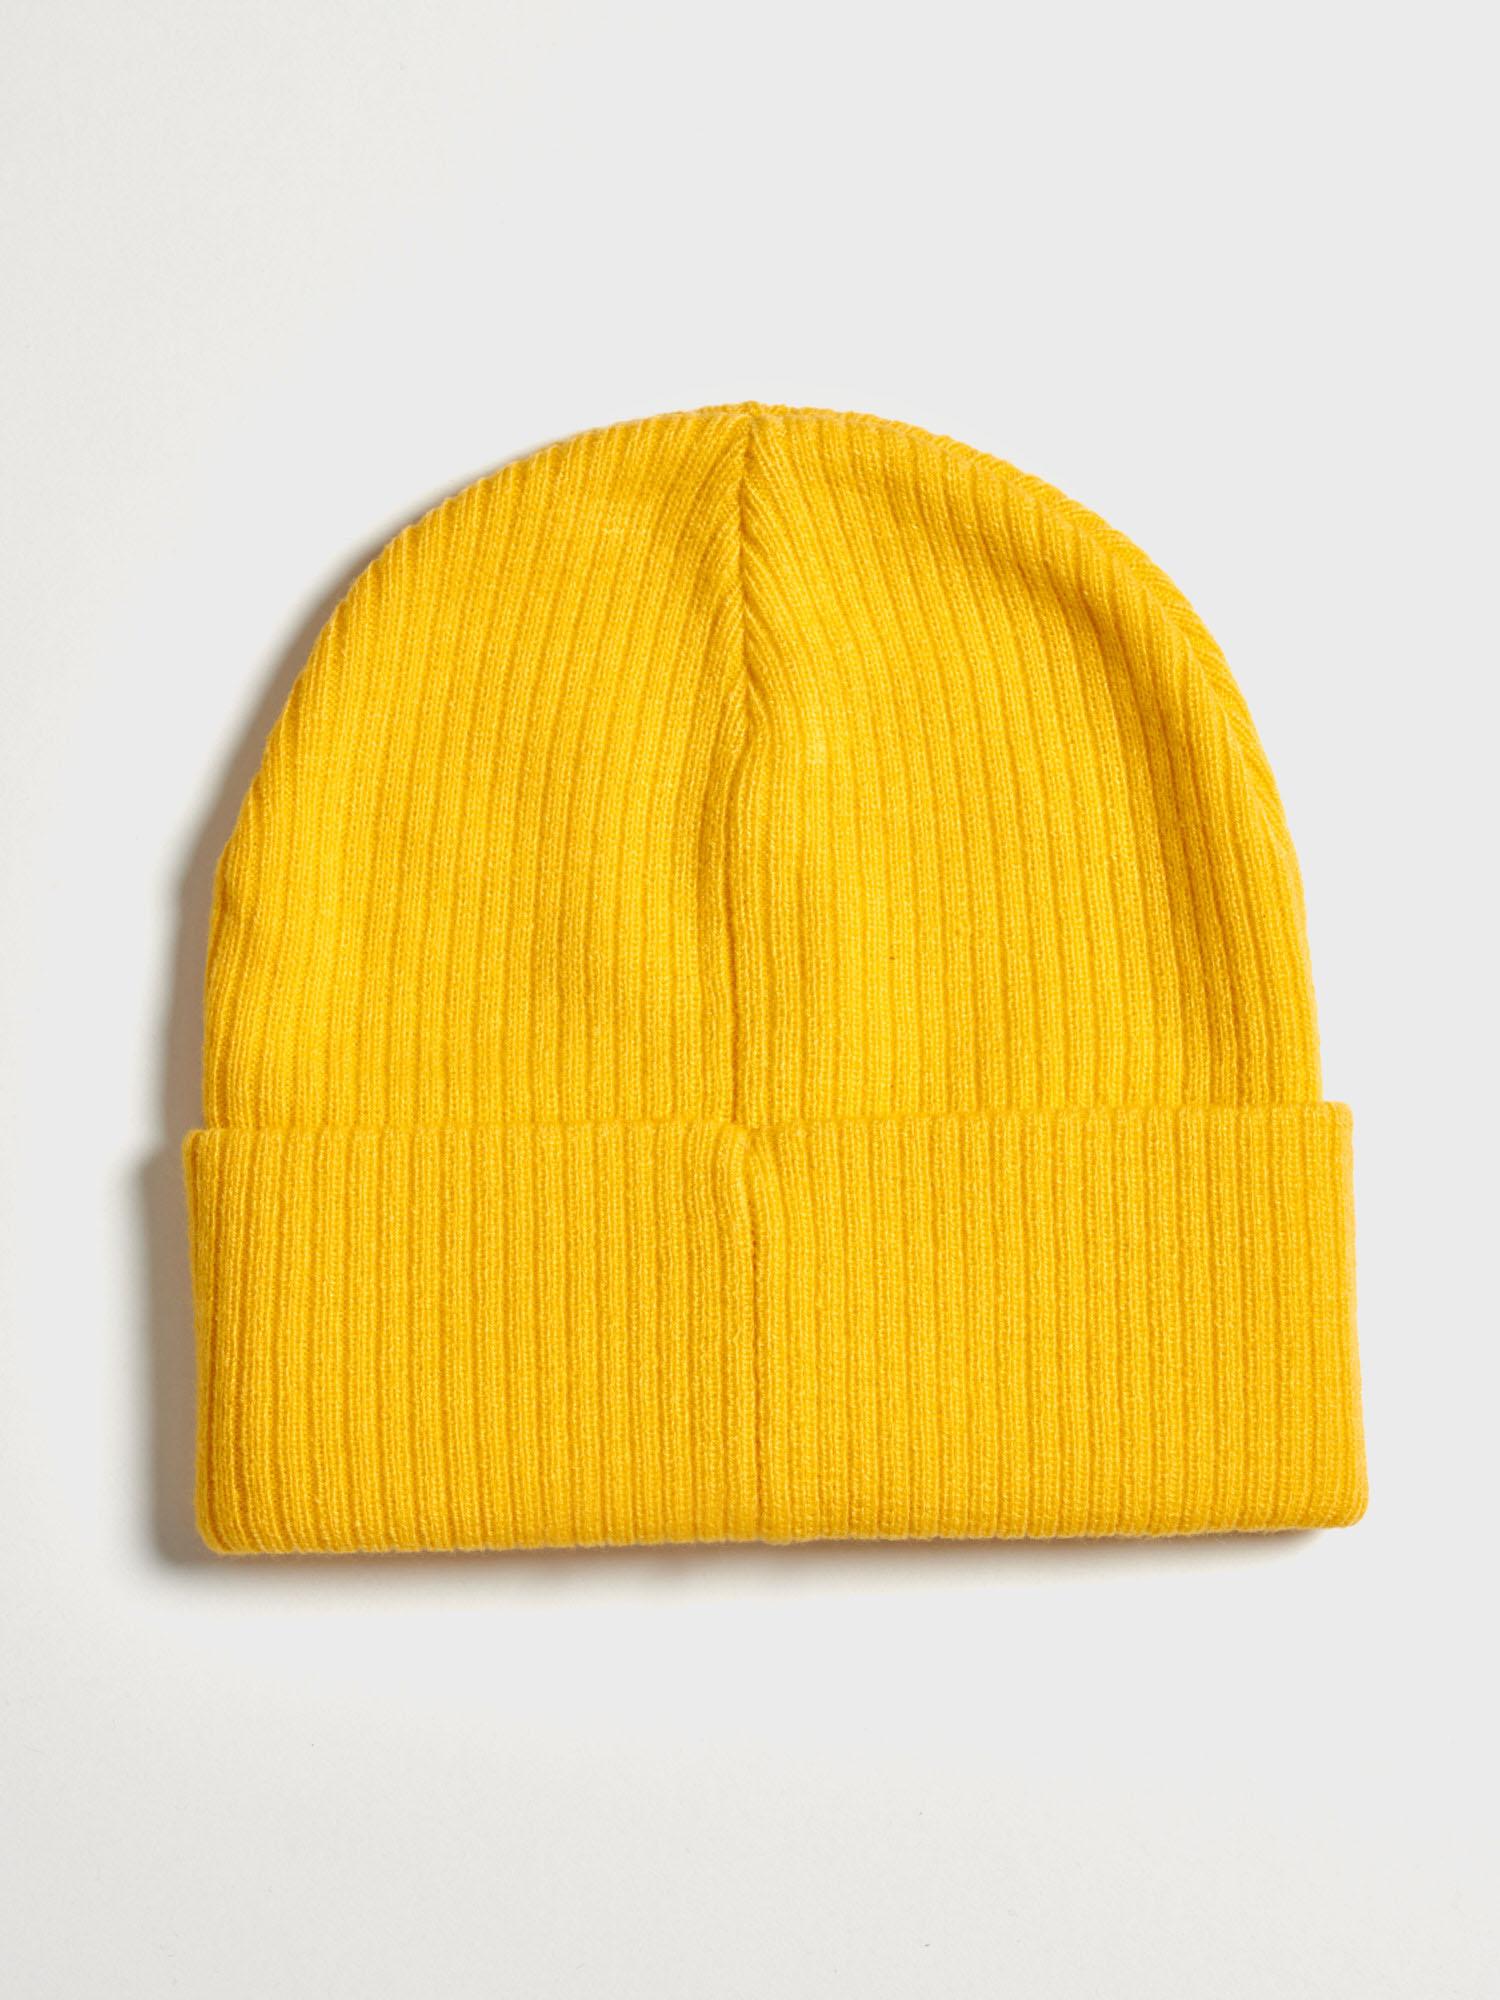 Doplňky - Dětská žebrovaná čepice Beanie Žlutá